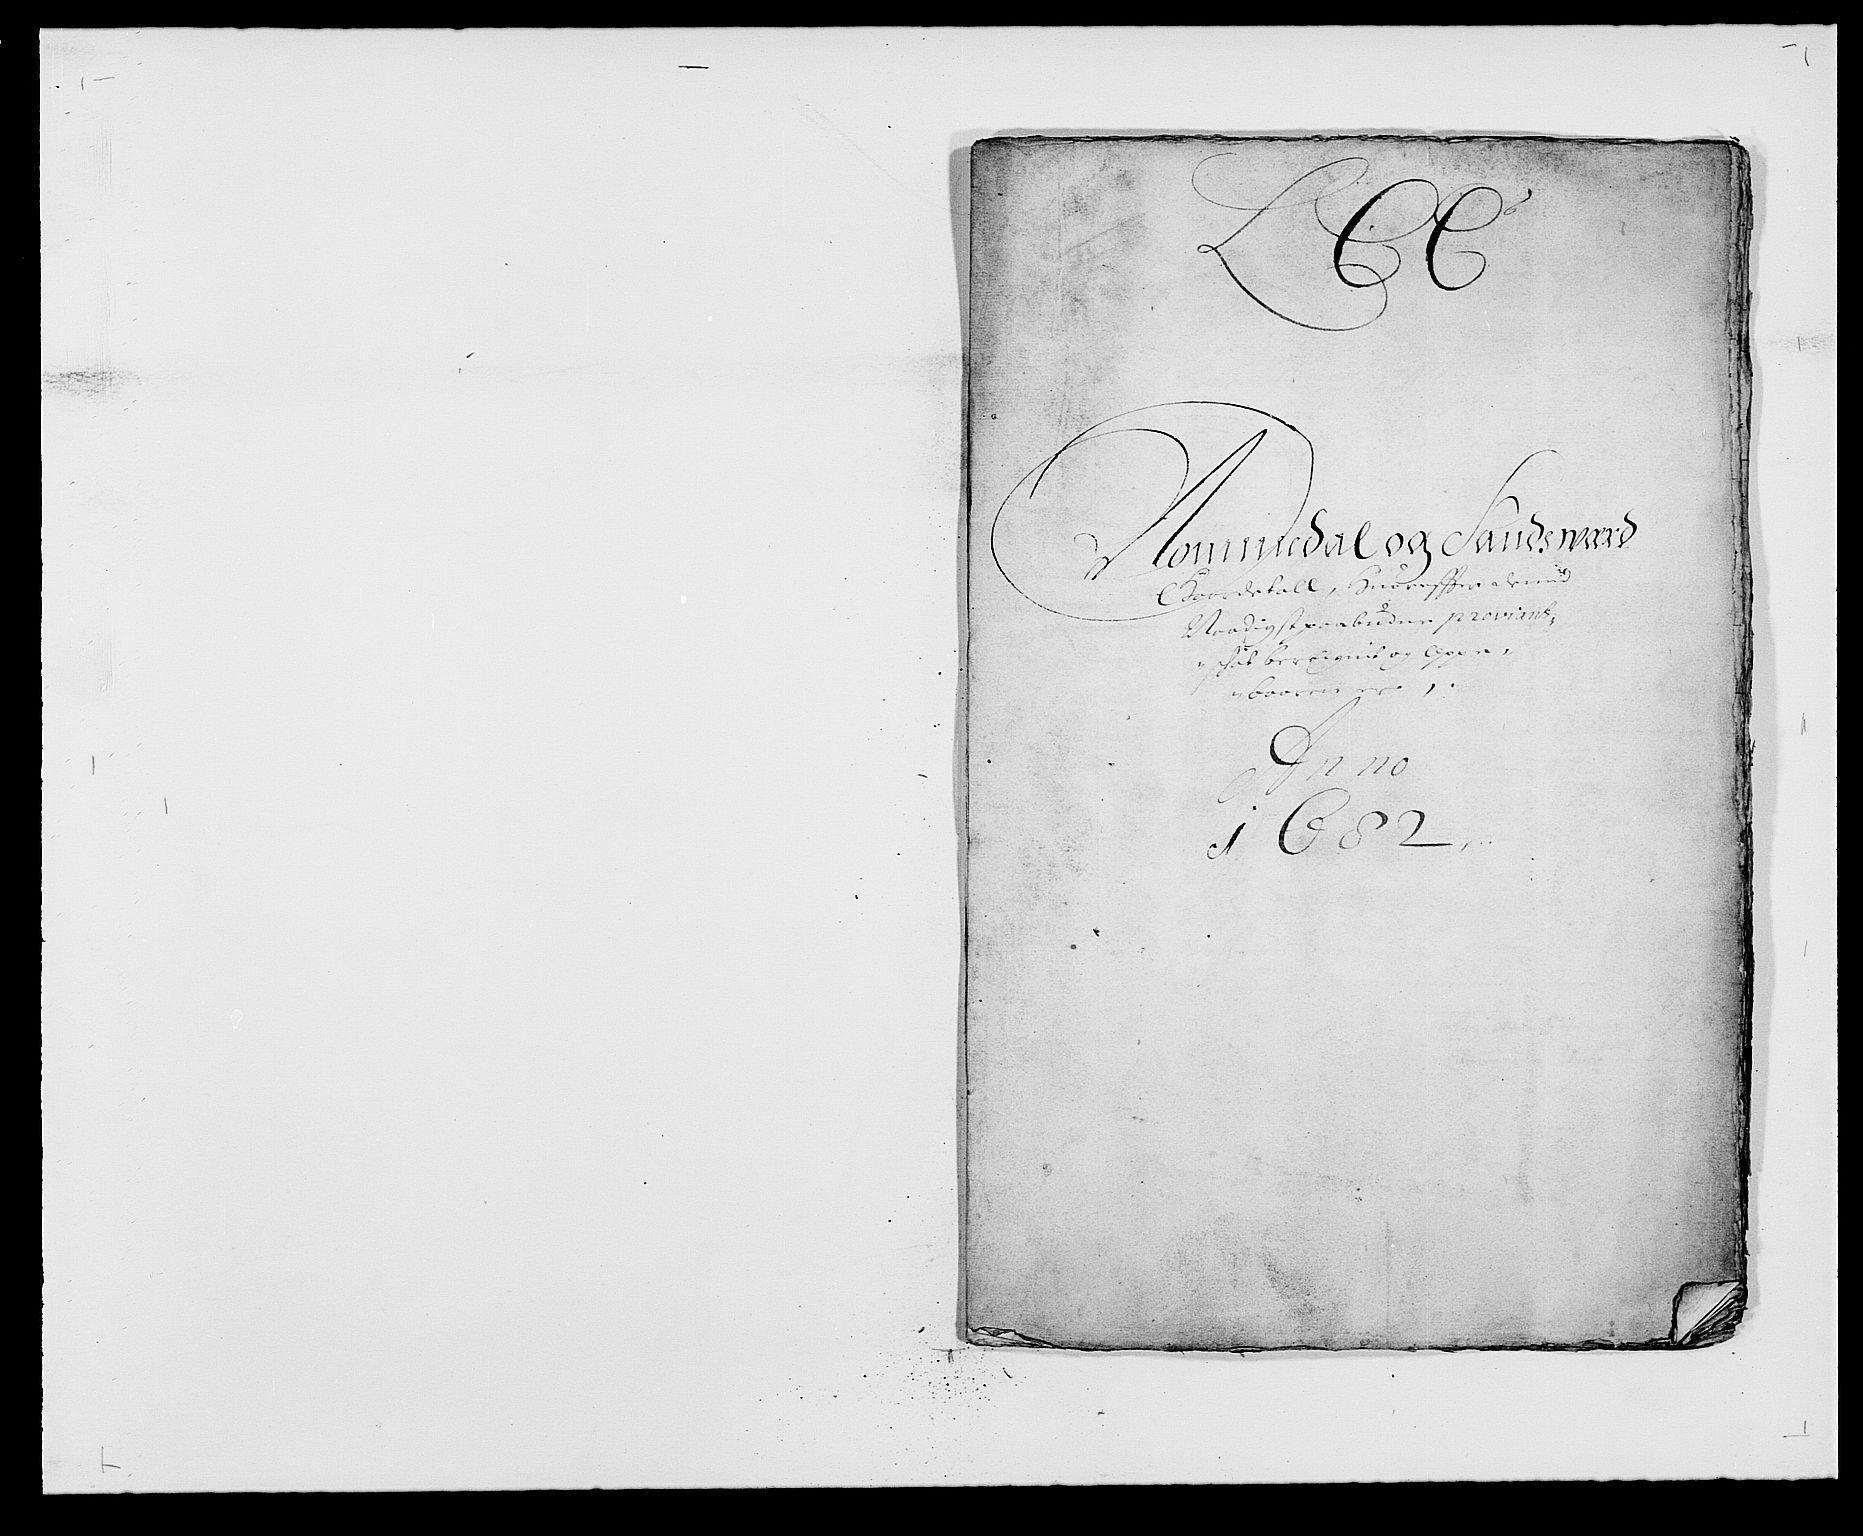 RA, Rentekammeret inntil 1814, Reviderte regnskaper, Fogderegnskap, R24/L1570: Fogderegnskap Numedal og Sandsvær, 1679-1686, s. 99